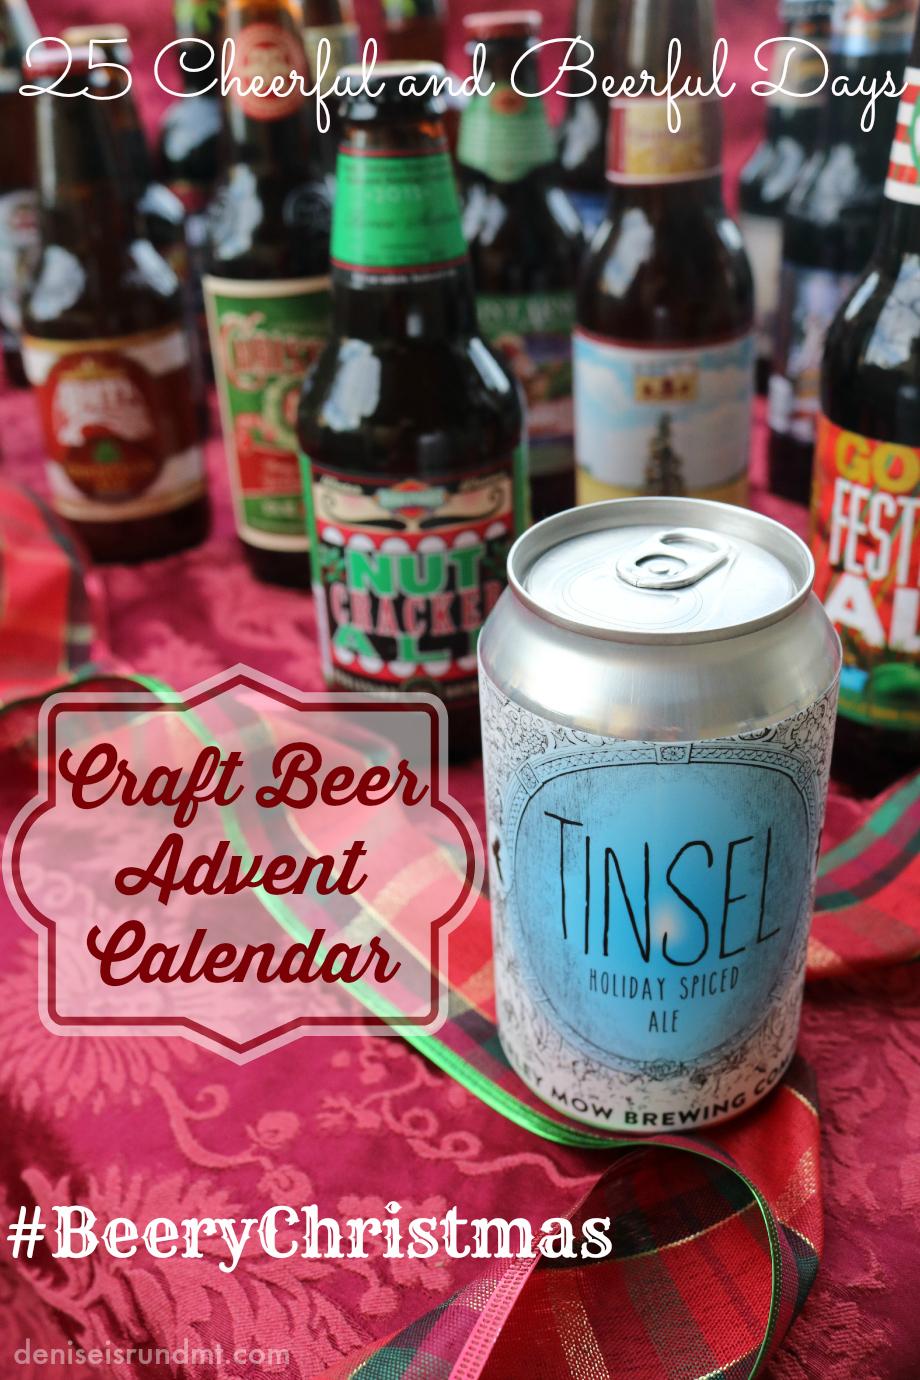 #BeeryChristmas - Craft Beer Advent Calendar 2015